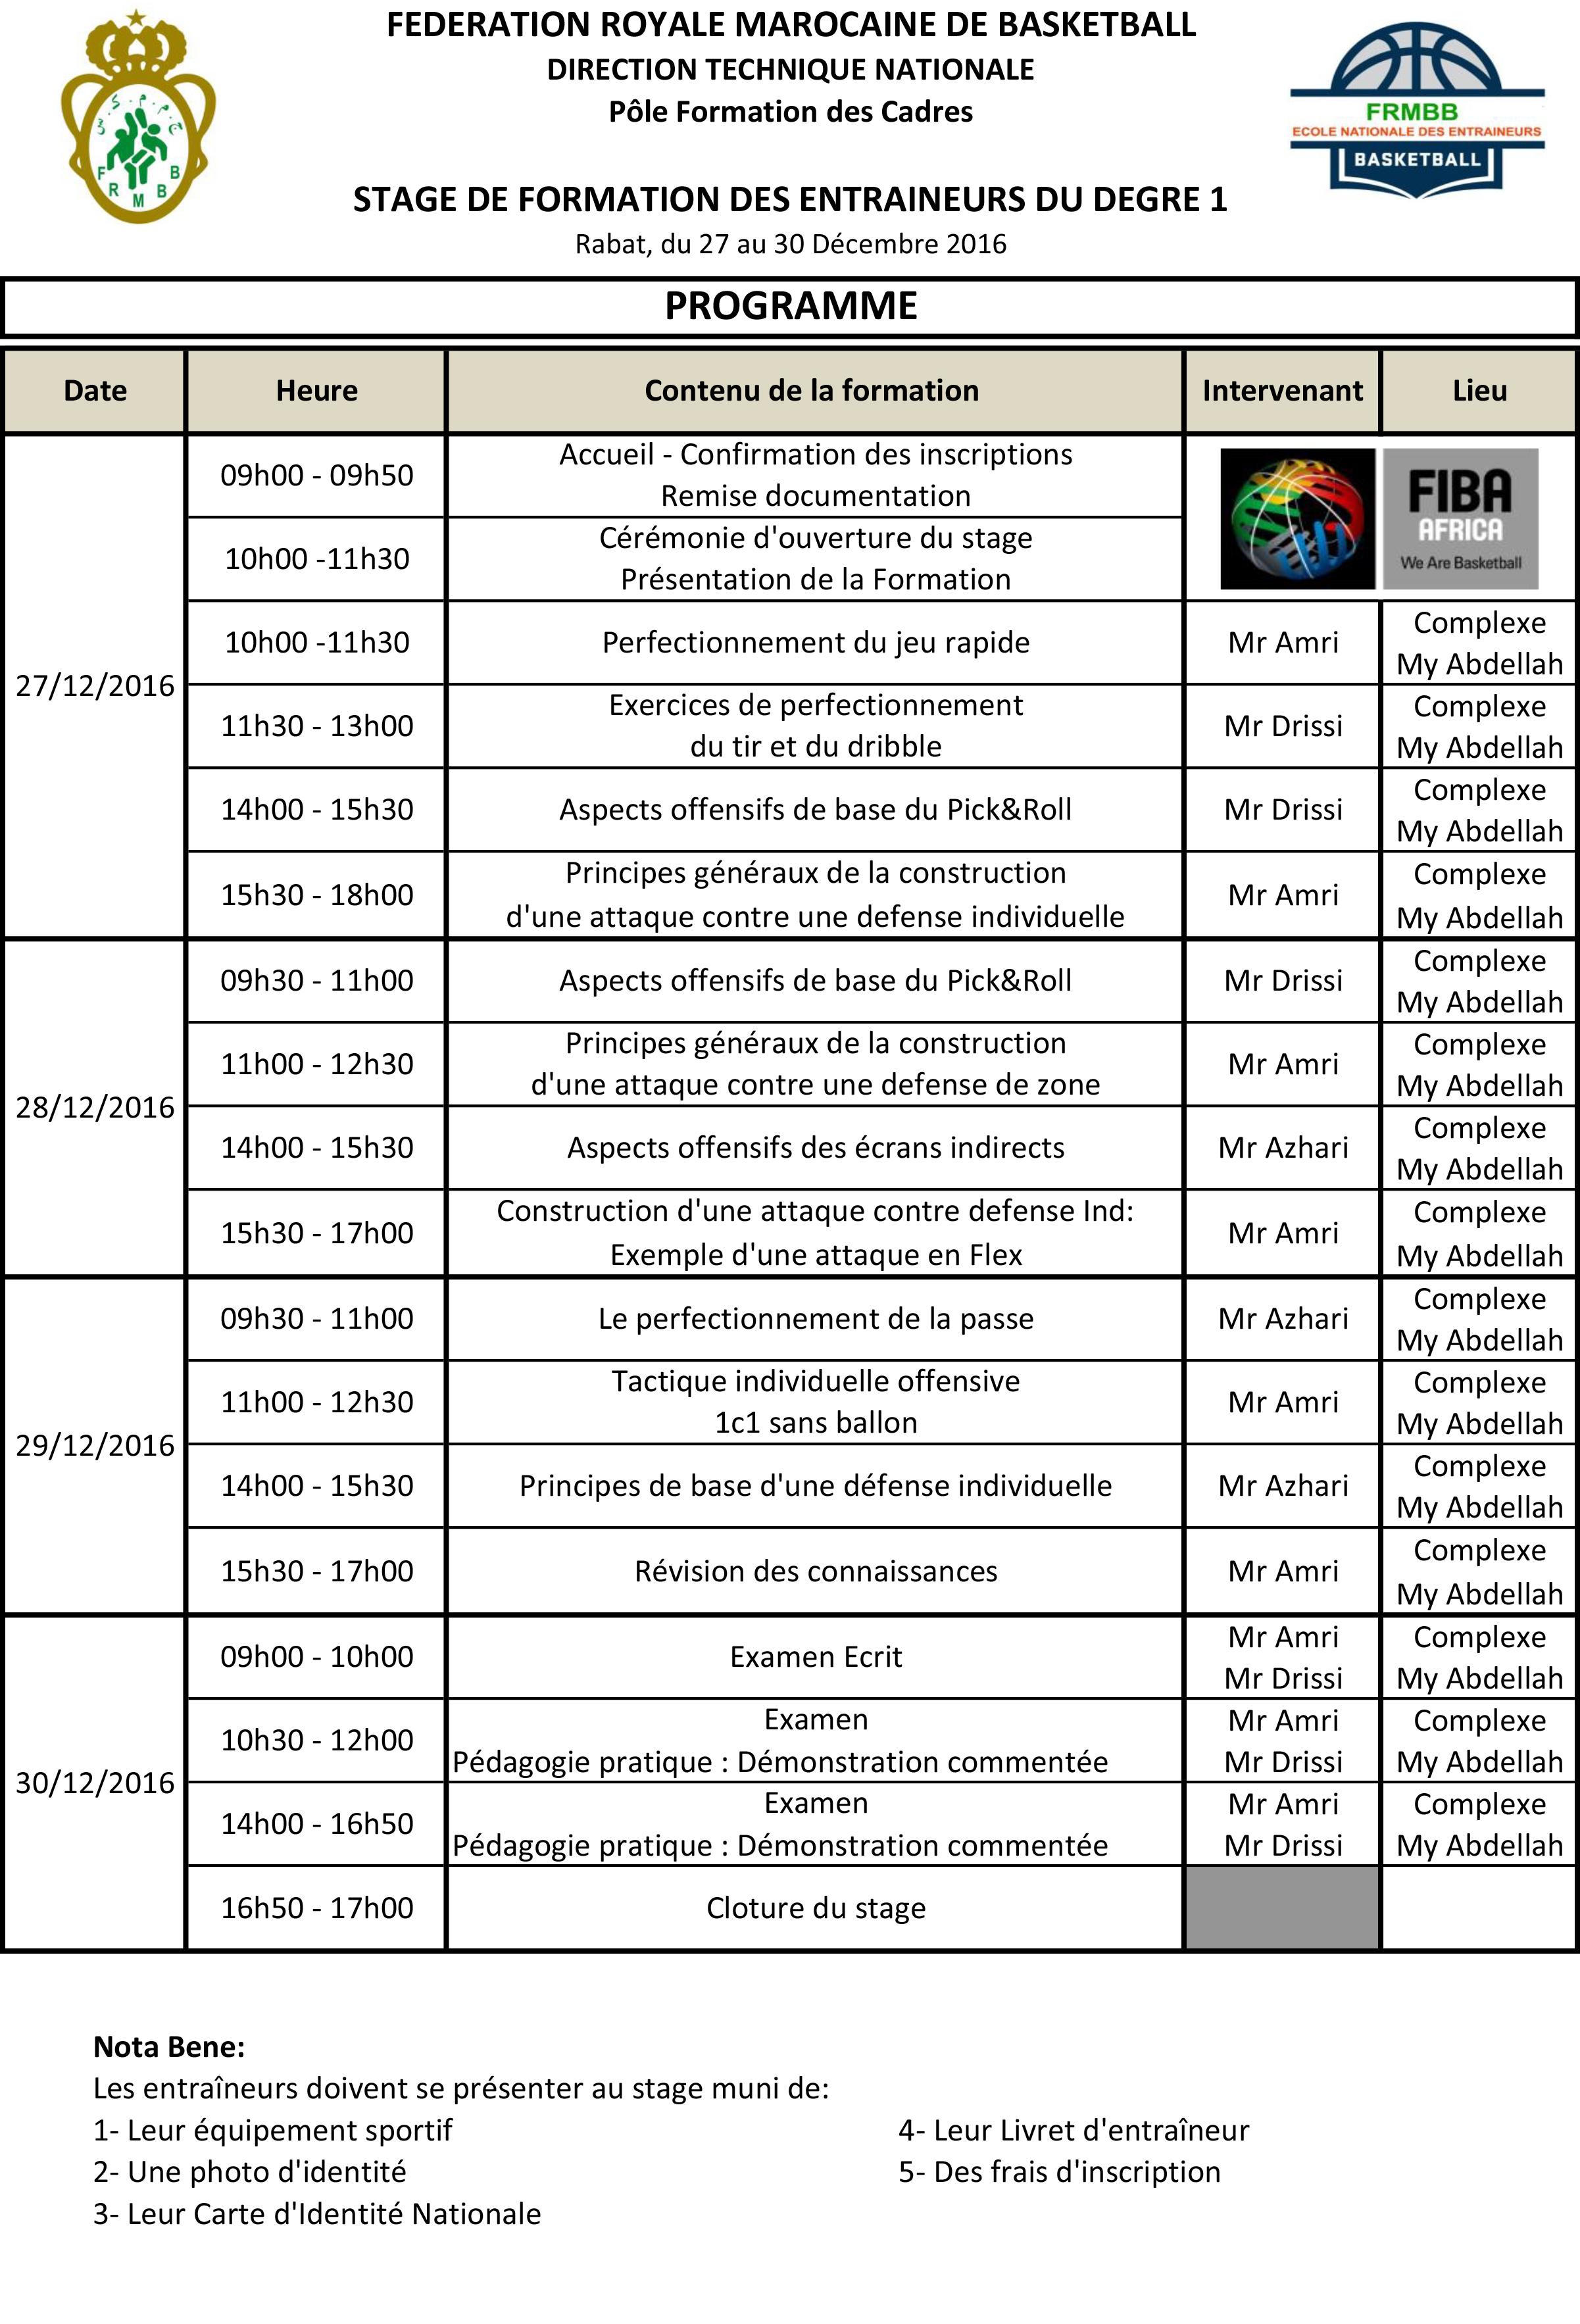 programme-formation-d1-decembre-2016-1-copy